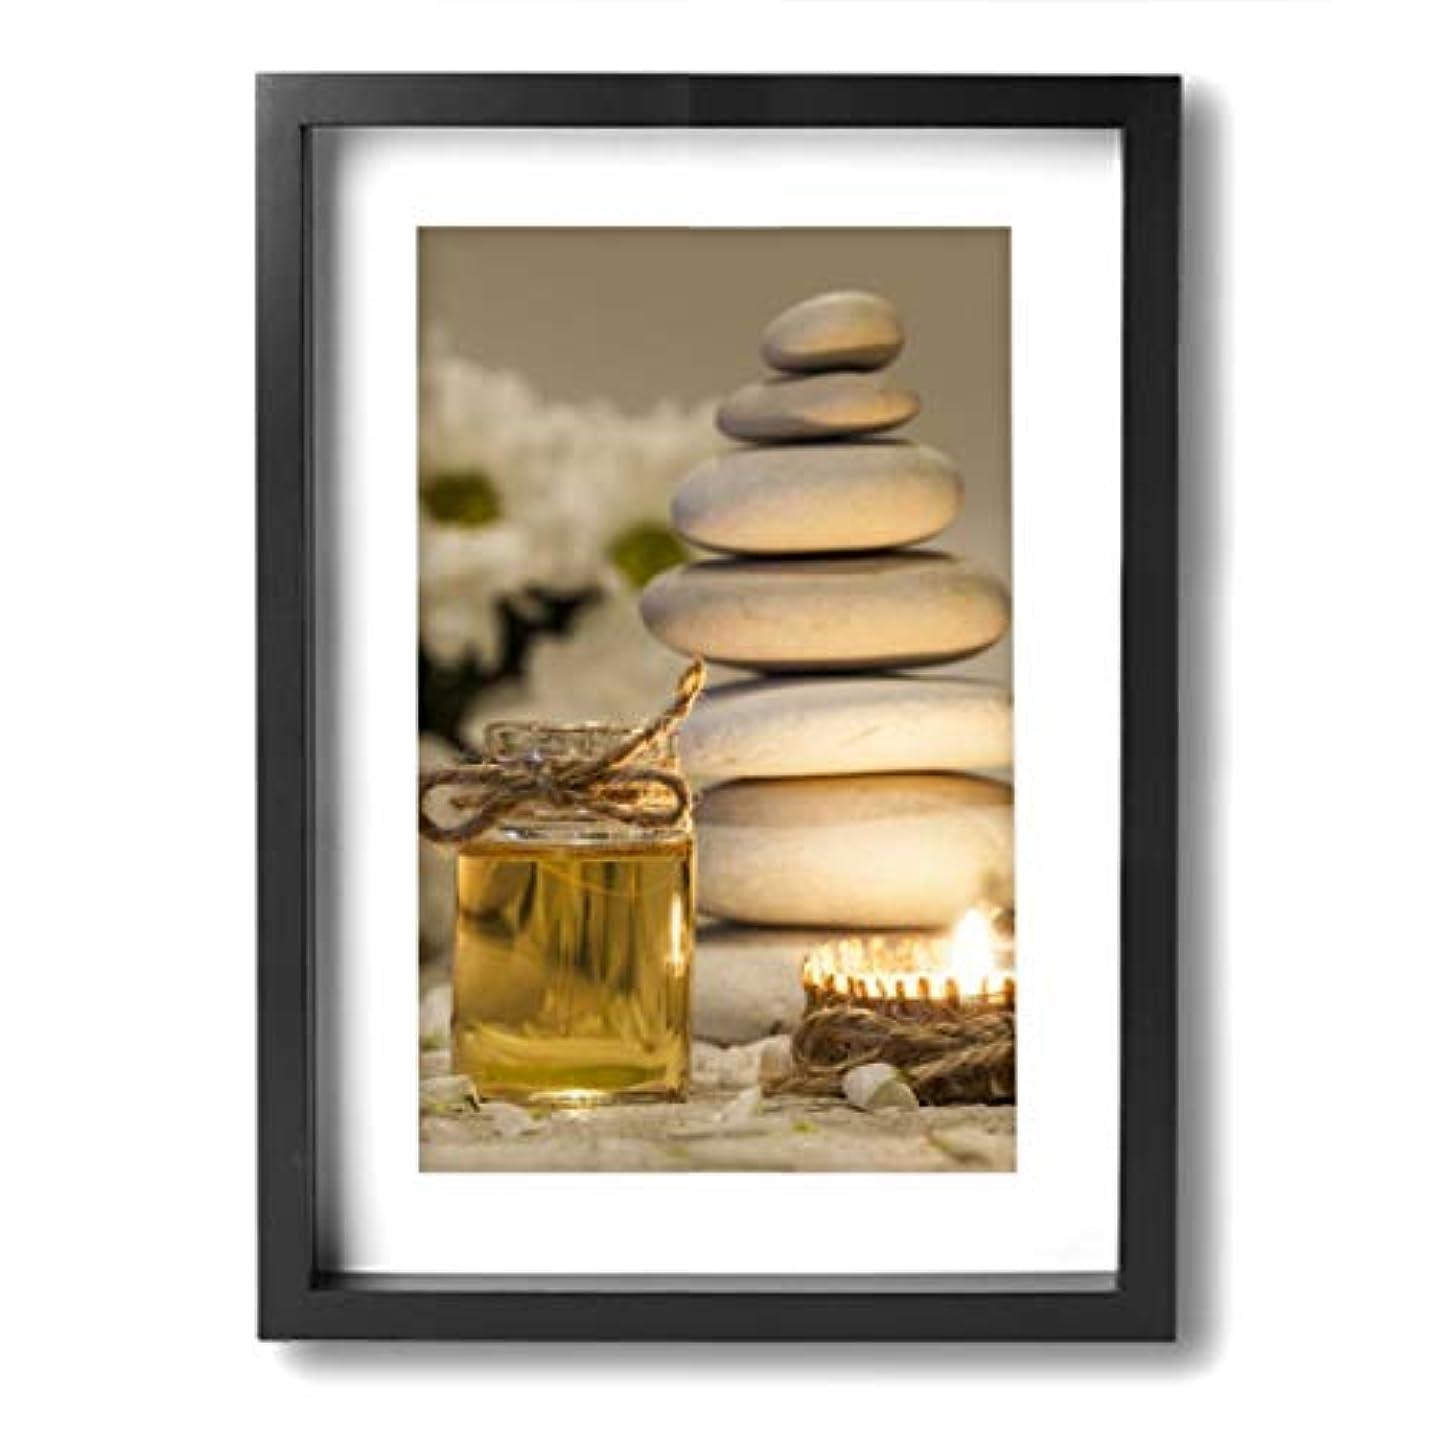 ペンフレンド飢四半期魅力的な芸術 20x30cm Chamomile Essential Oil Chamomile Flowers キャンバスの壁アート 画像プリント絵画リビングルームの壁の装飾と家の装飾のための現代アートワークハングする...